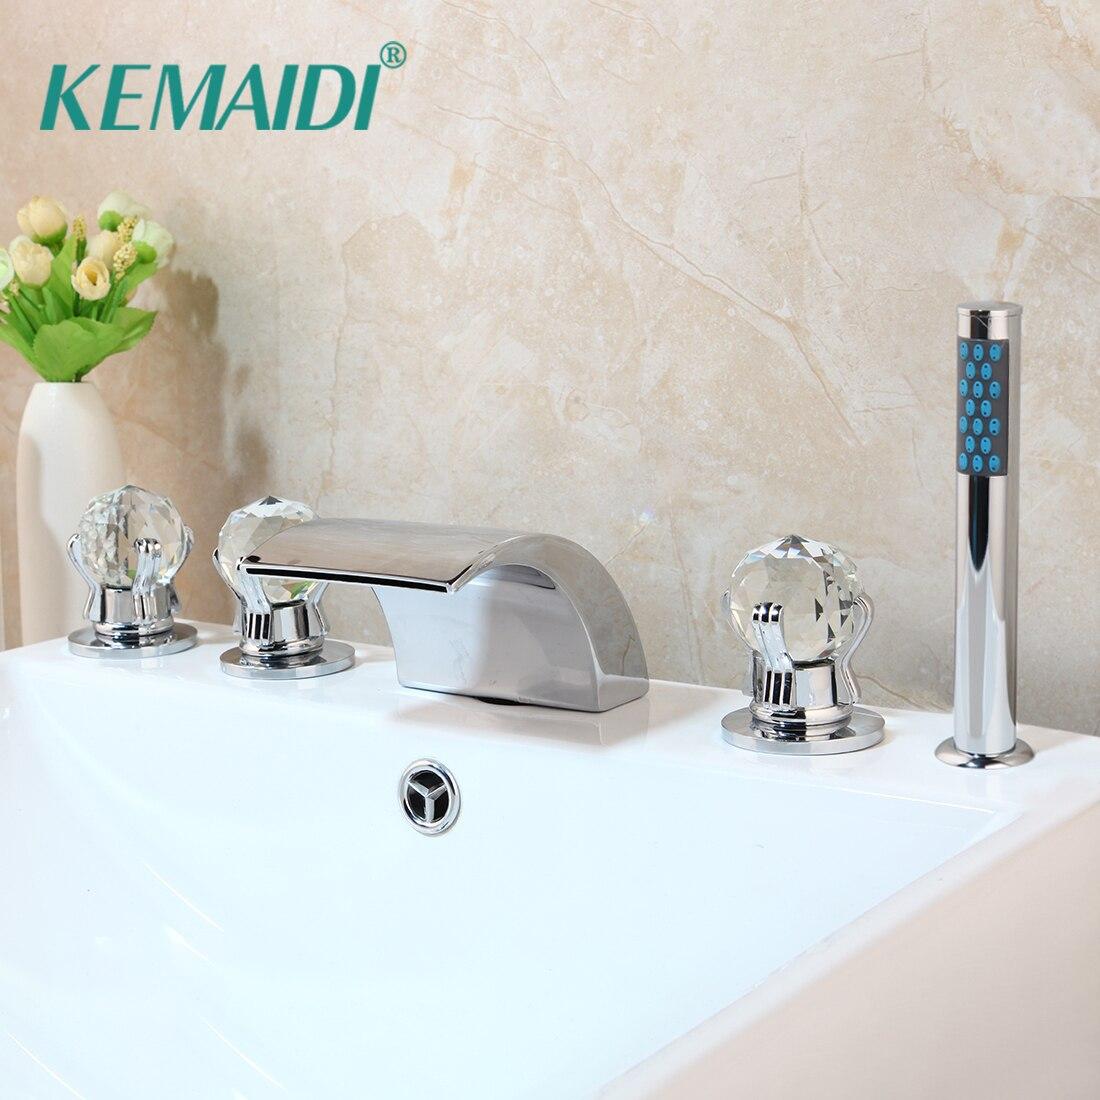 KEMAIDI 5 Pcs Set Torneira Deck Montado Cachoeira Bico Com Mão Pulverizador Banheiro Torneira Da Banheira Set Banho de Chuveiro